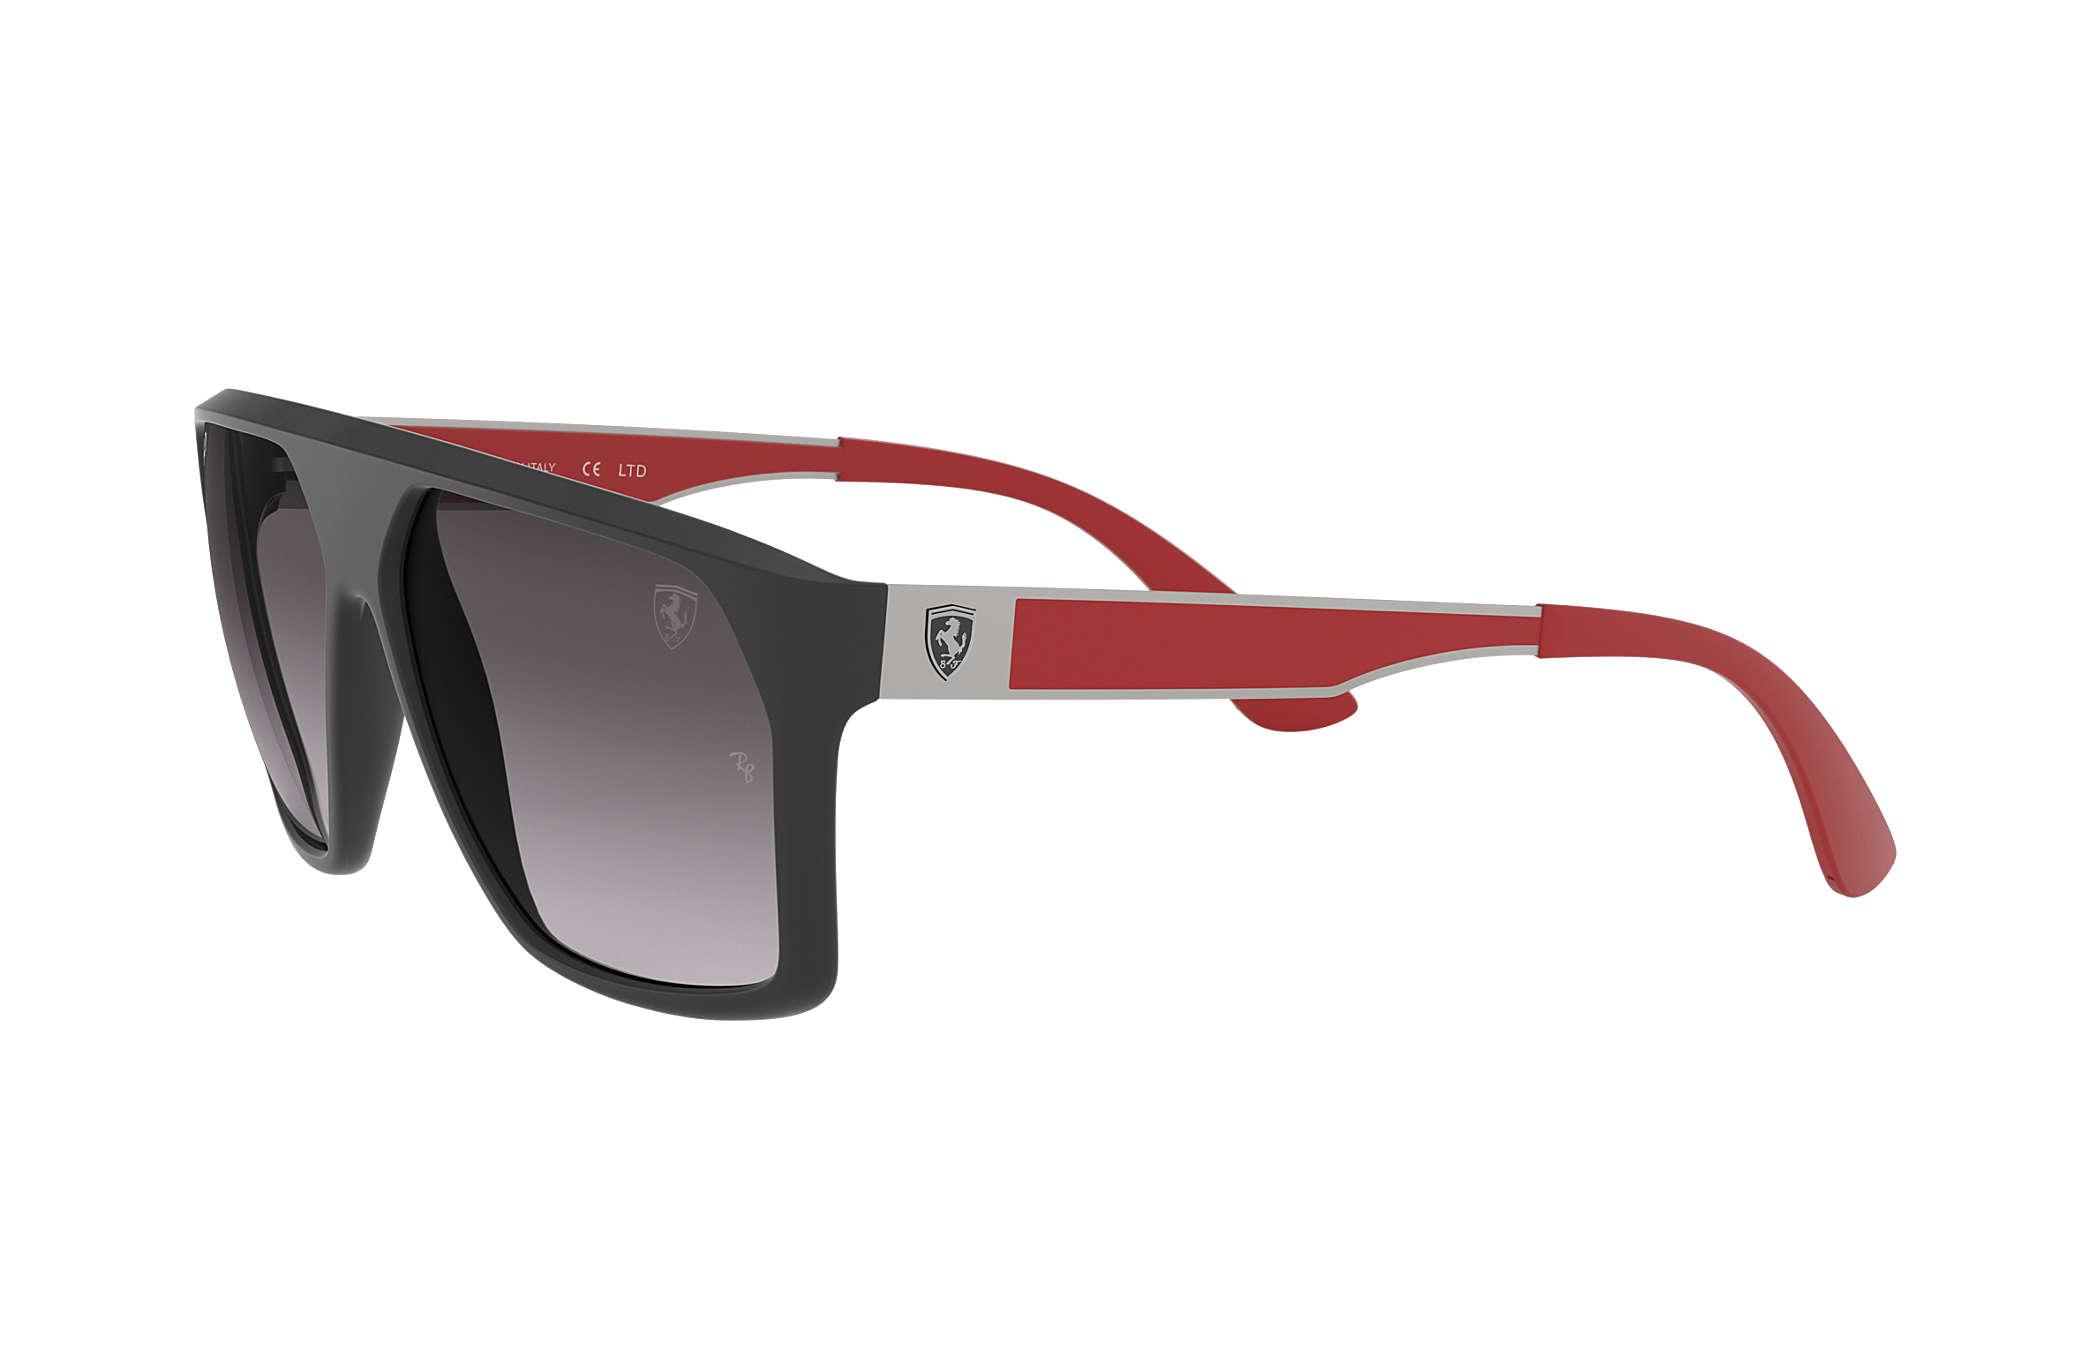 5d7c32bfa4e3 Ray-Ban Scuderia Ferrari Spain Limited Edition RB4309M Black - Peek ...